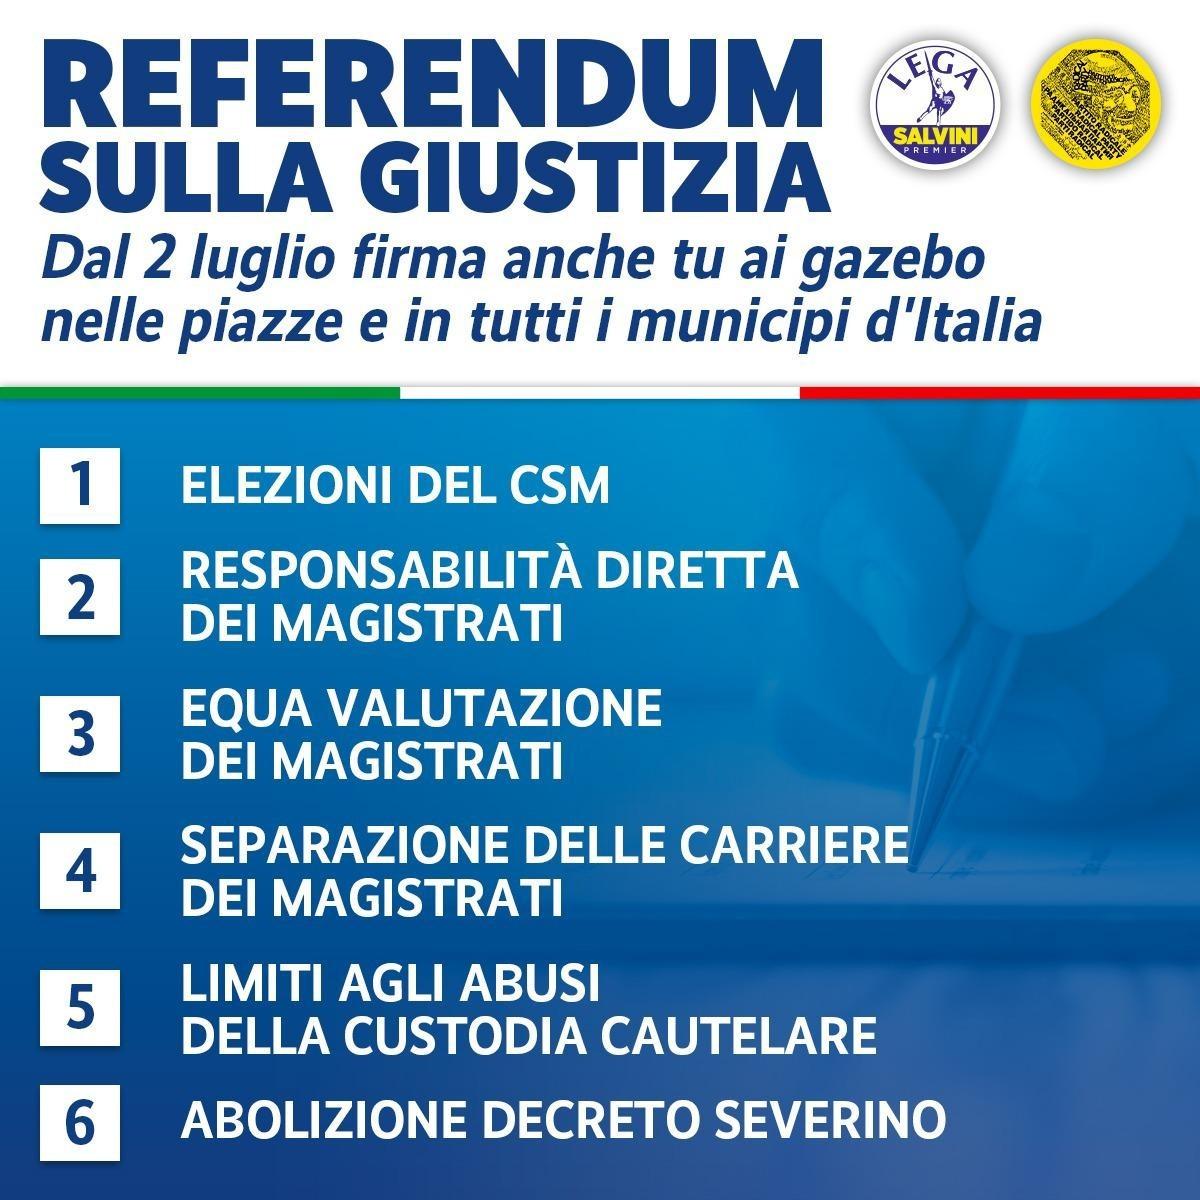 REFERENDUM SULLA GIUSTIZIA. Dal 2 luglio firma anche tu ai gazebo nelle piazze e in tutti i municipi d'Italia!